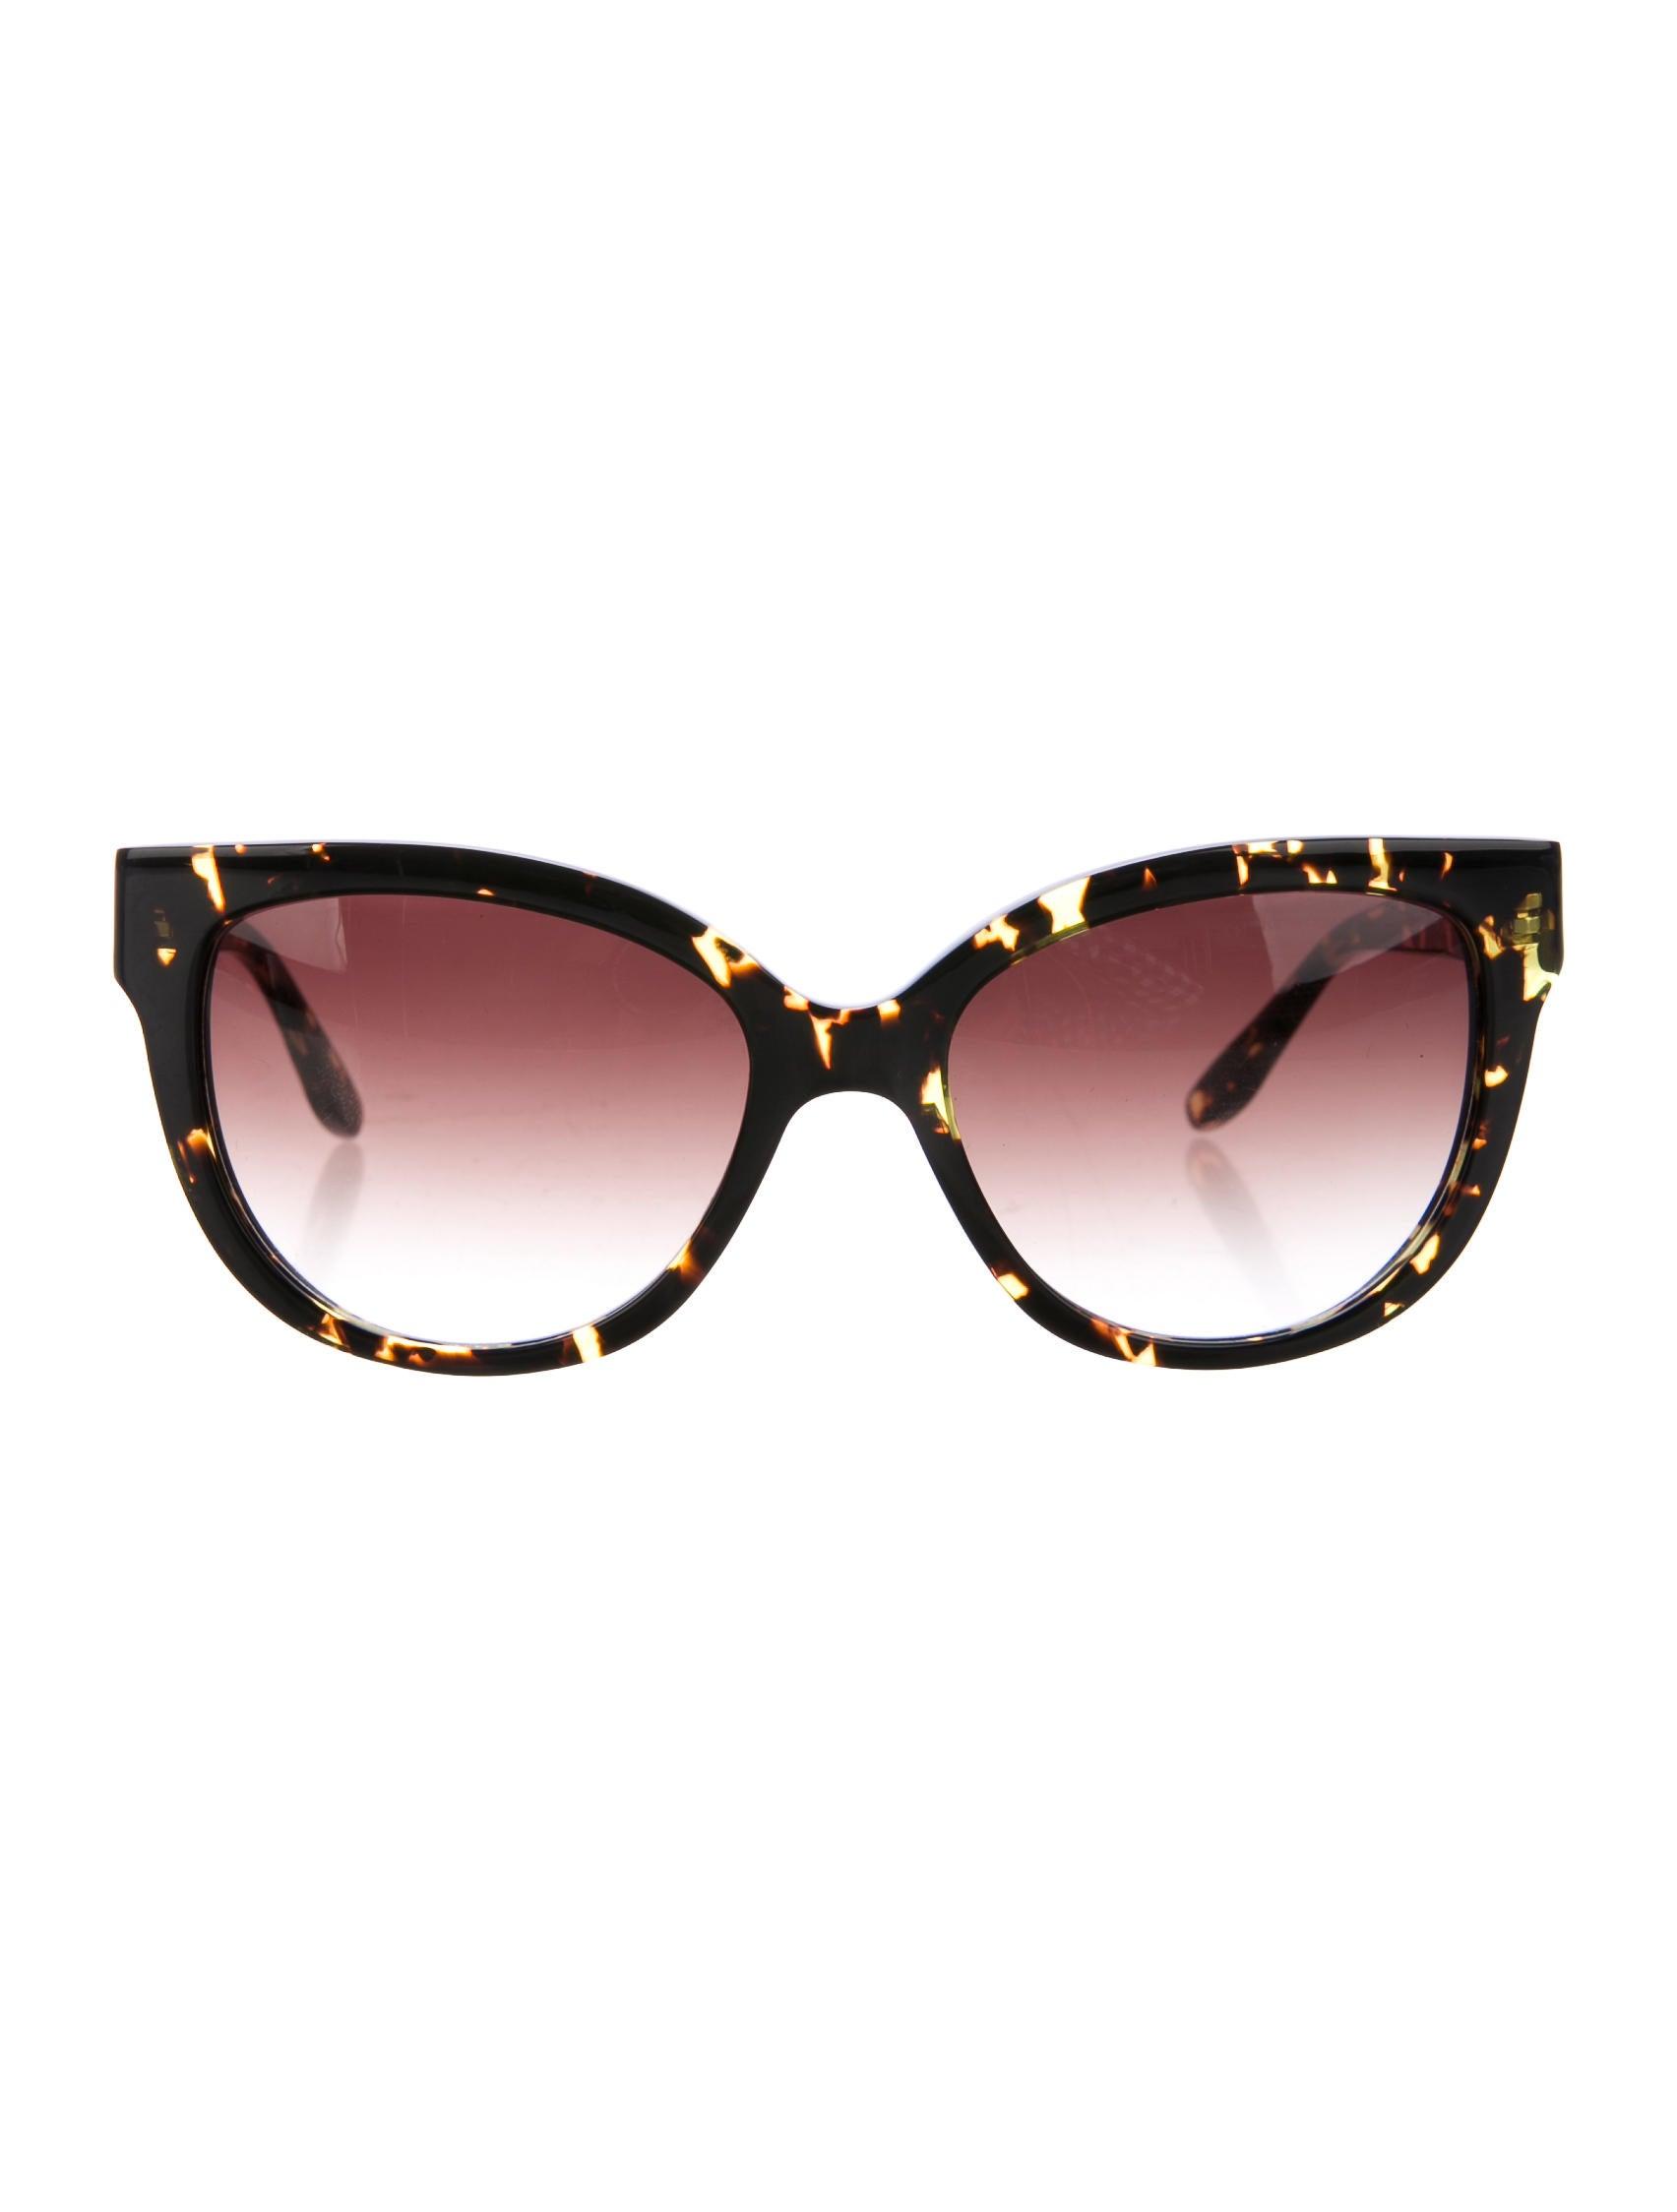 Barton Perreira Tortoiseshell Cat-Eye Sunglasses - Accessories ...